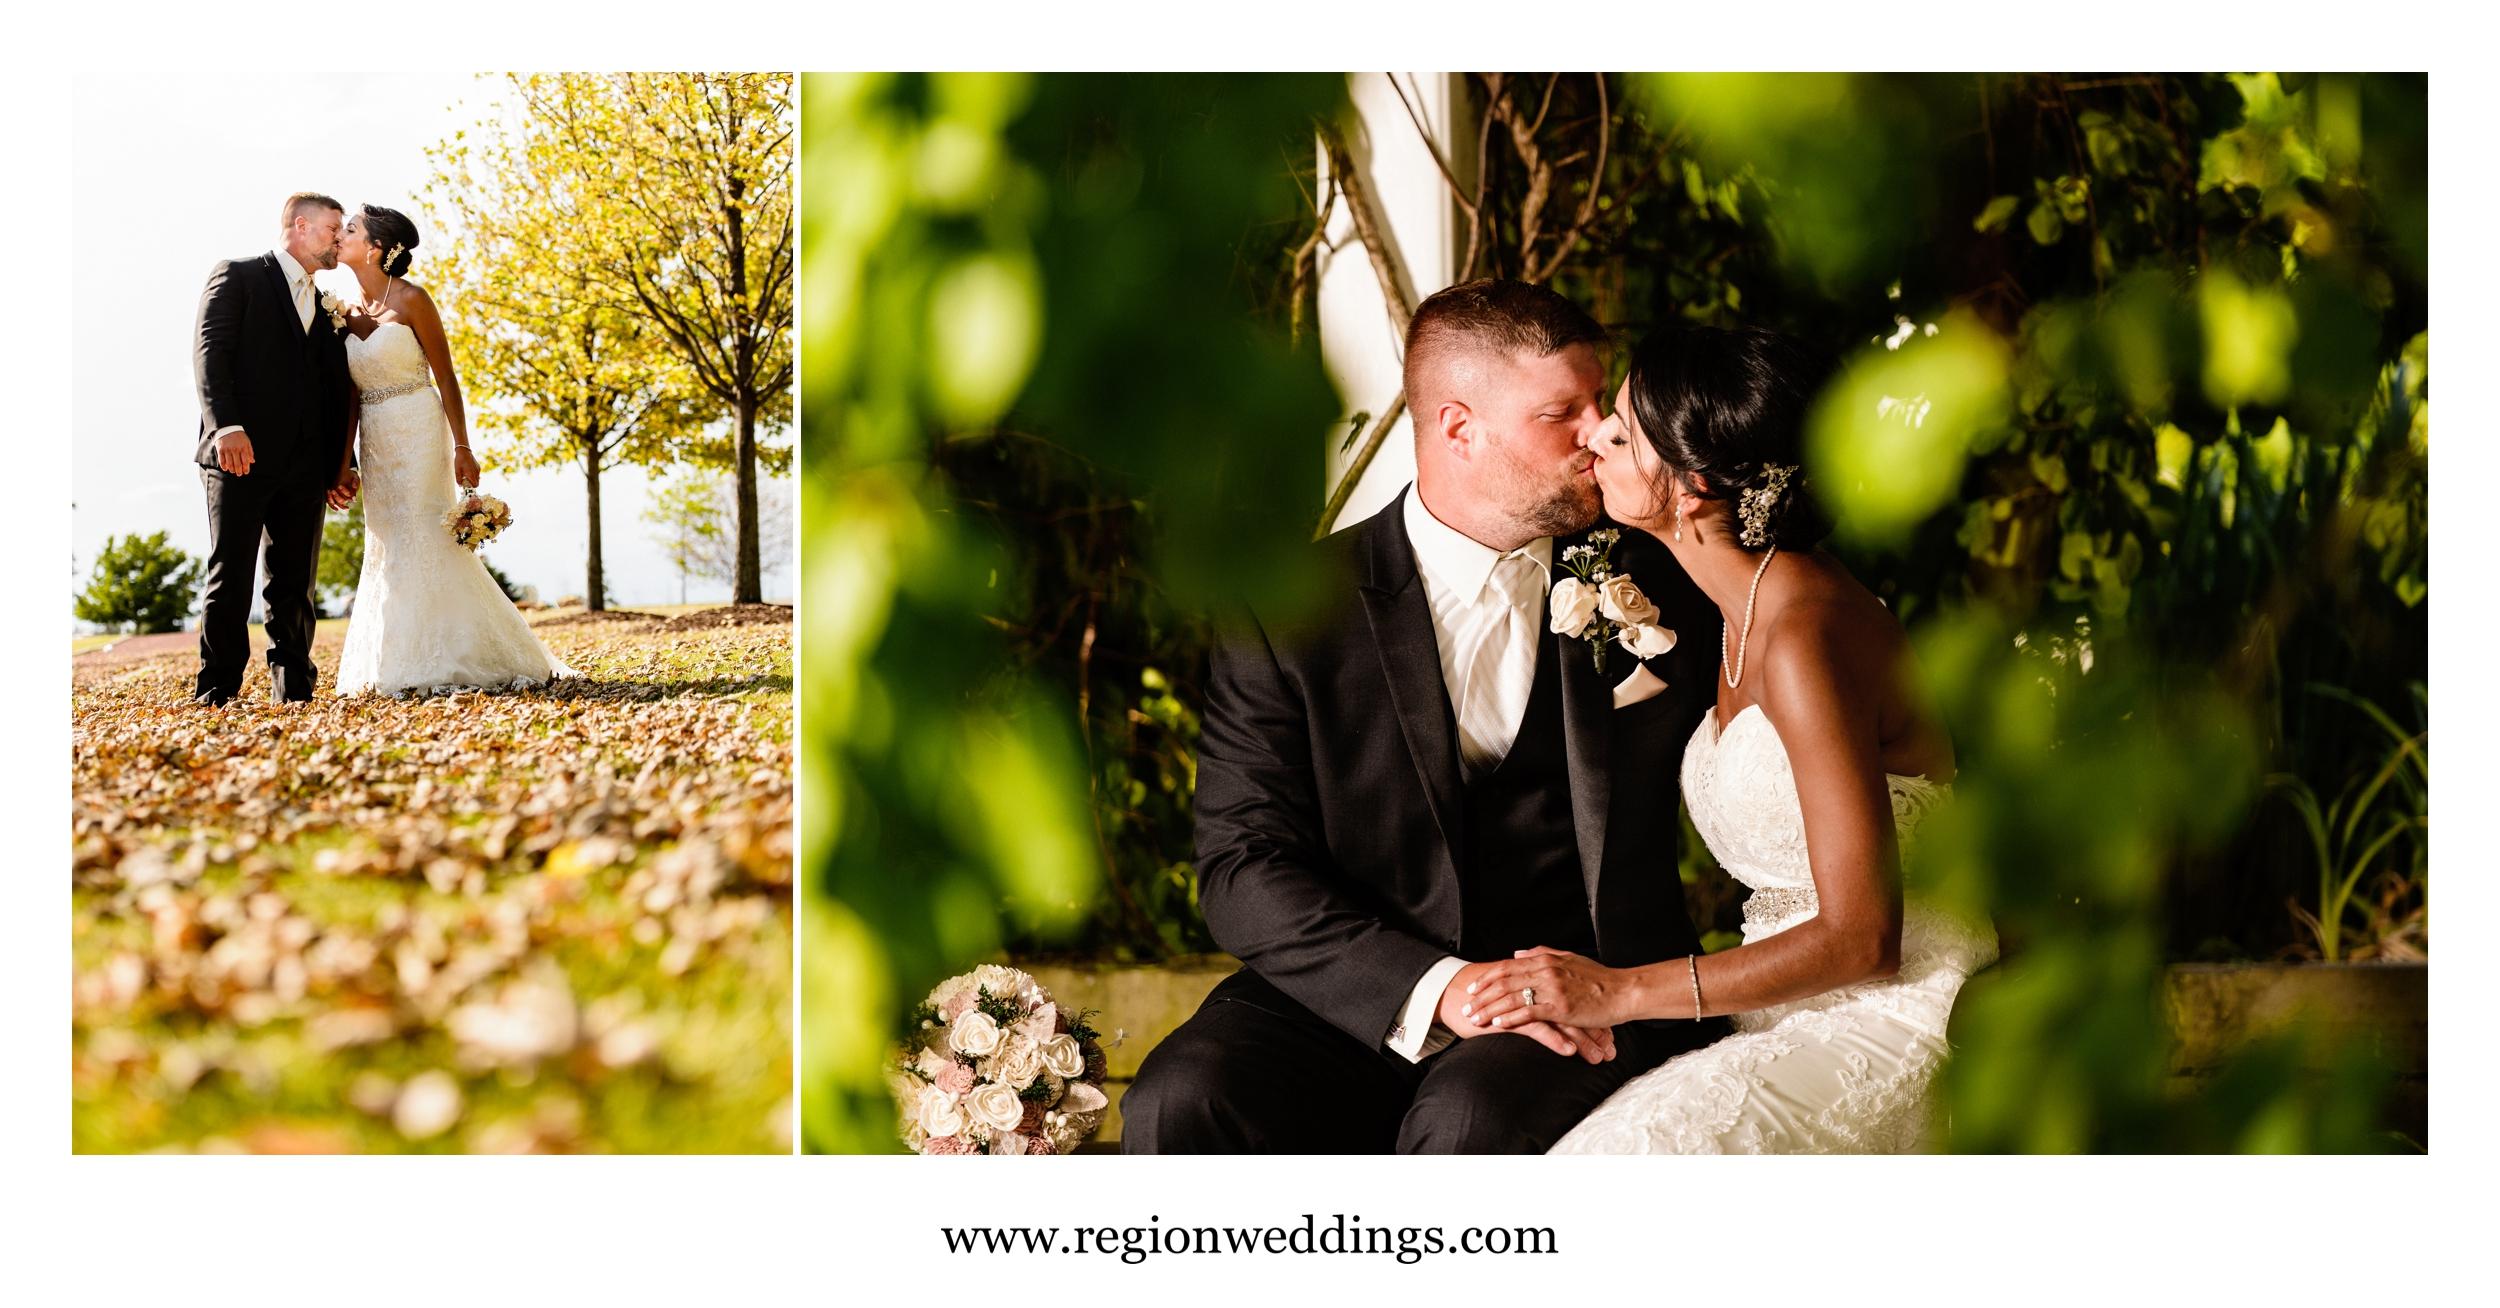 Kissing photos at the Centennial Park gardens.